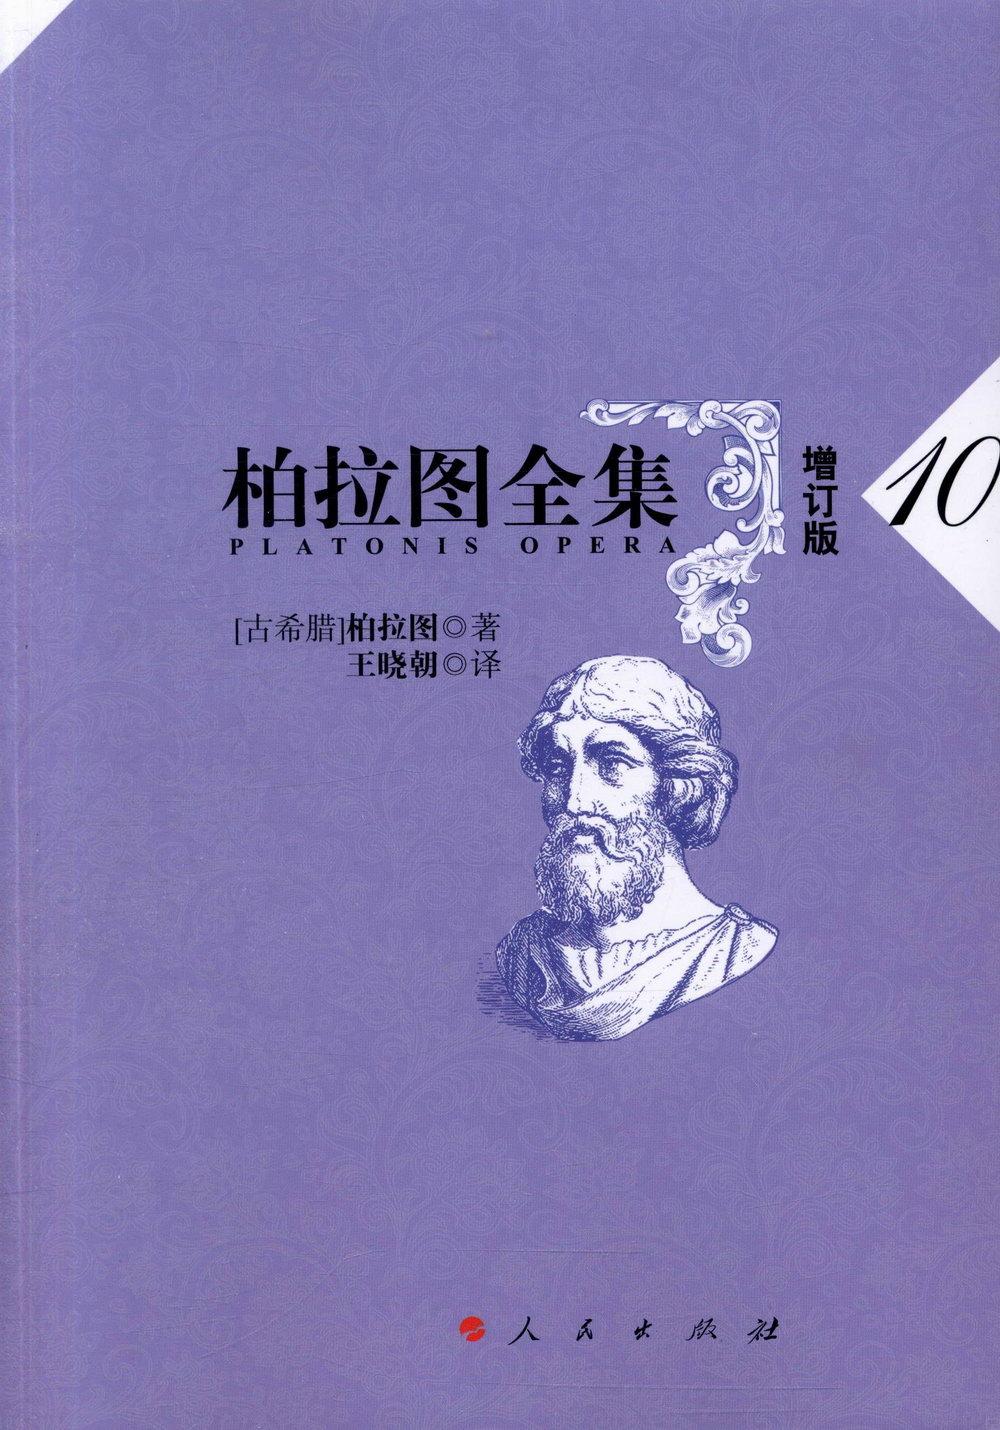 柏拉圖全集:10(增訂版)